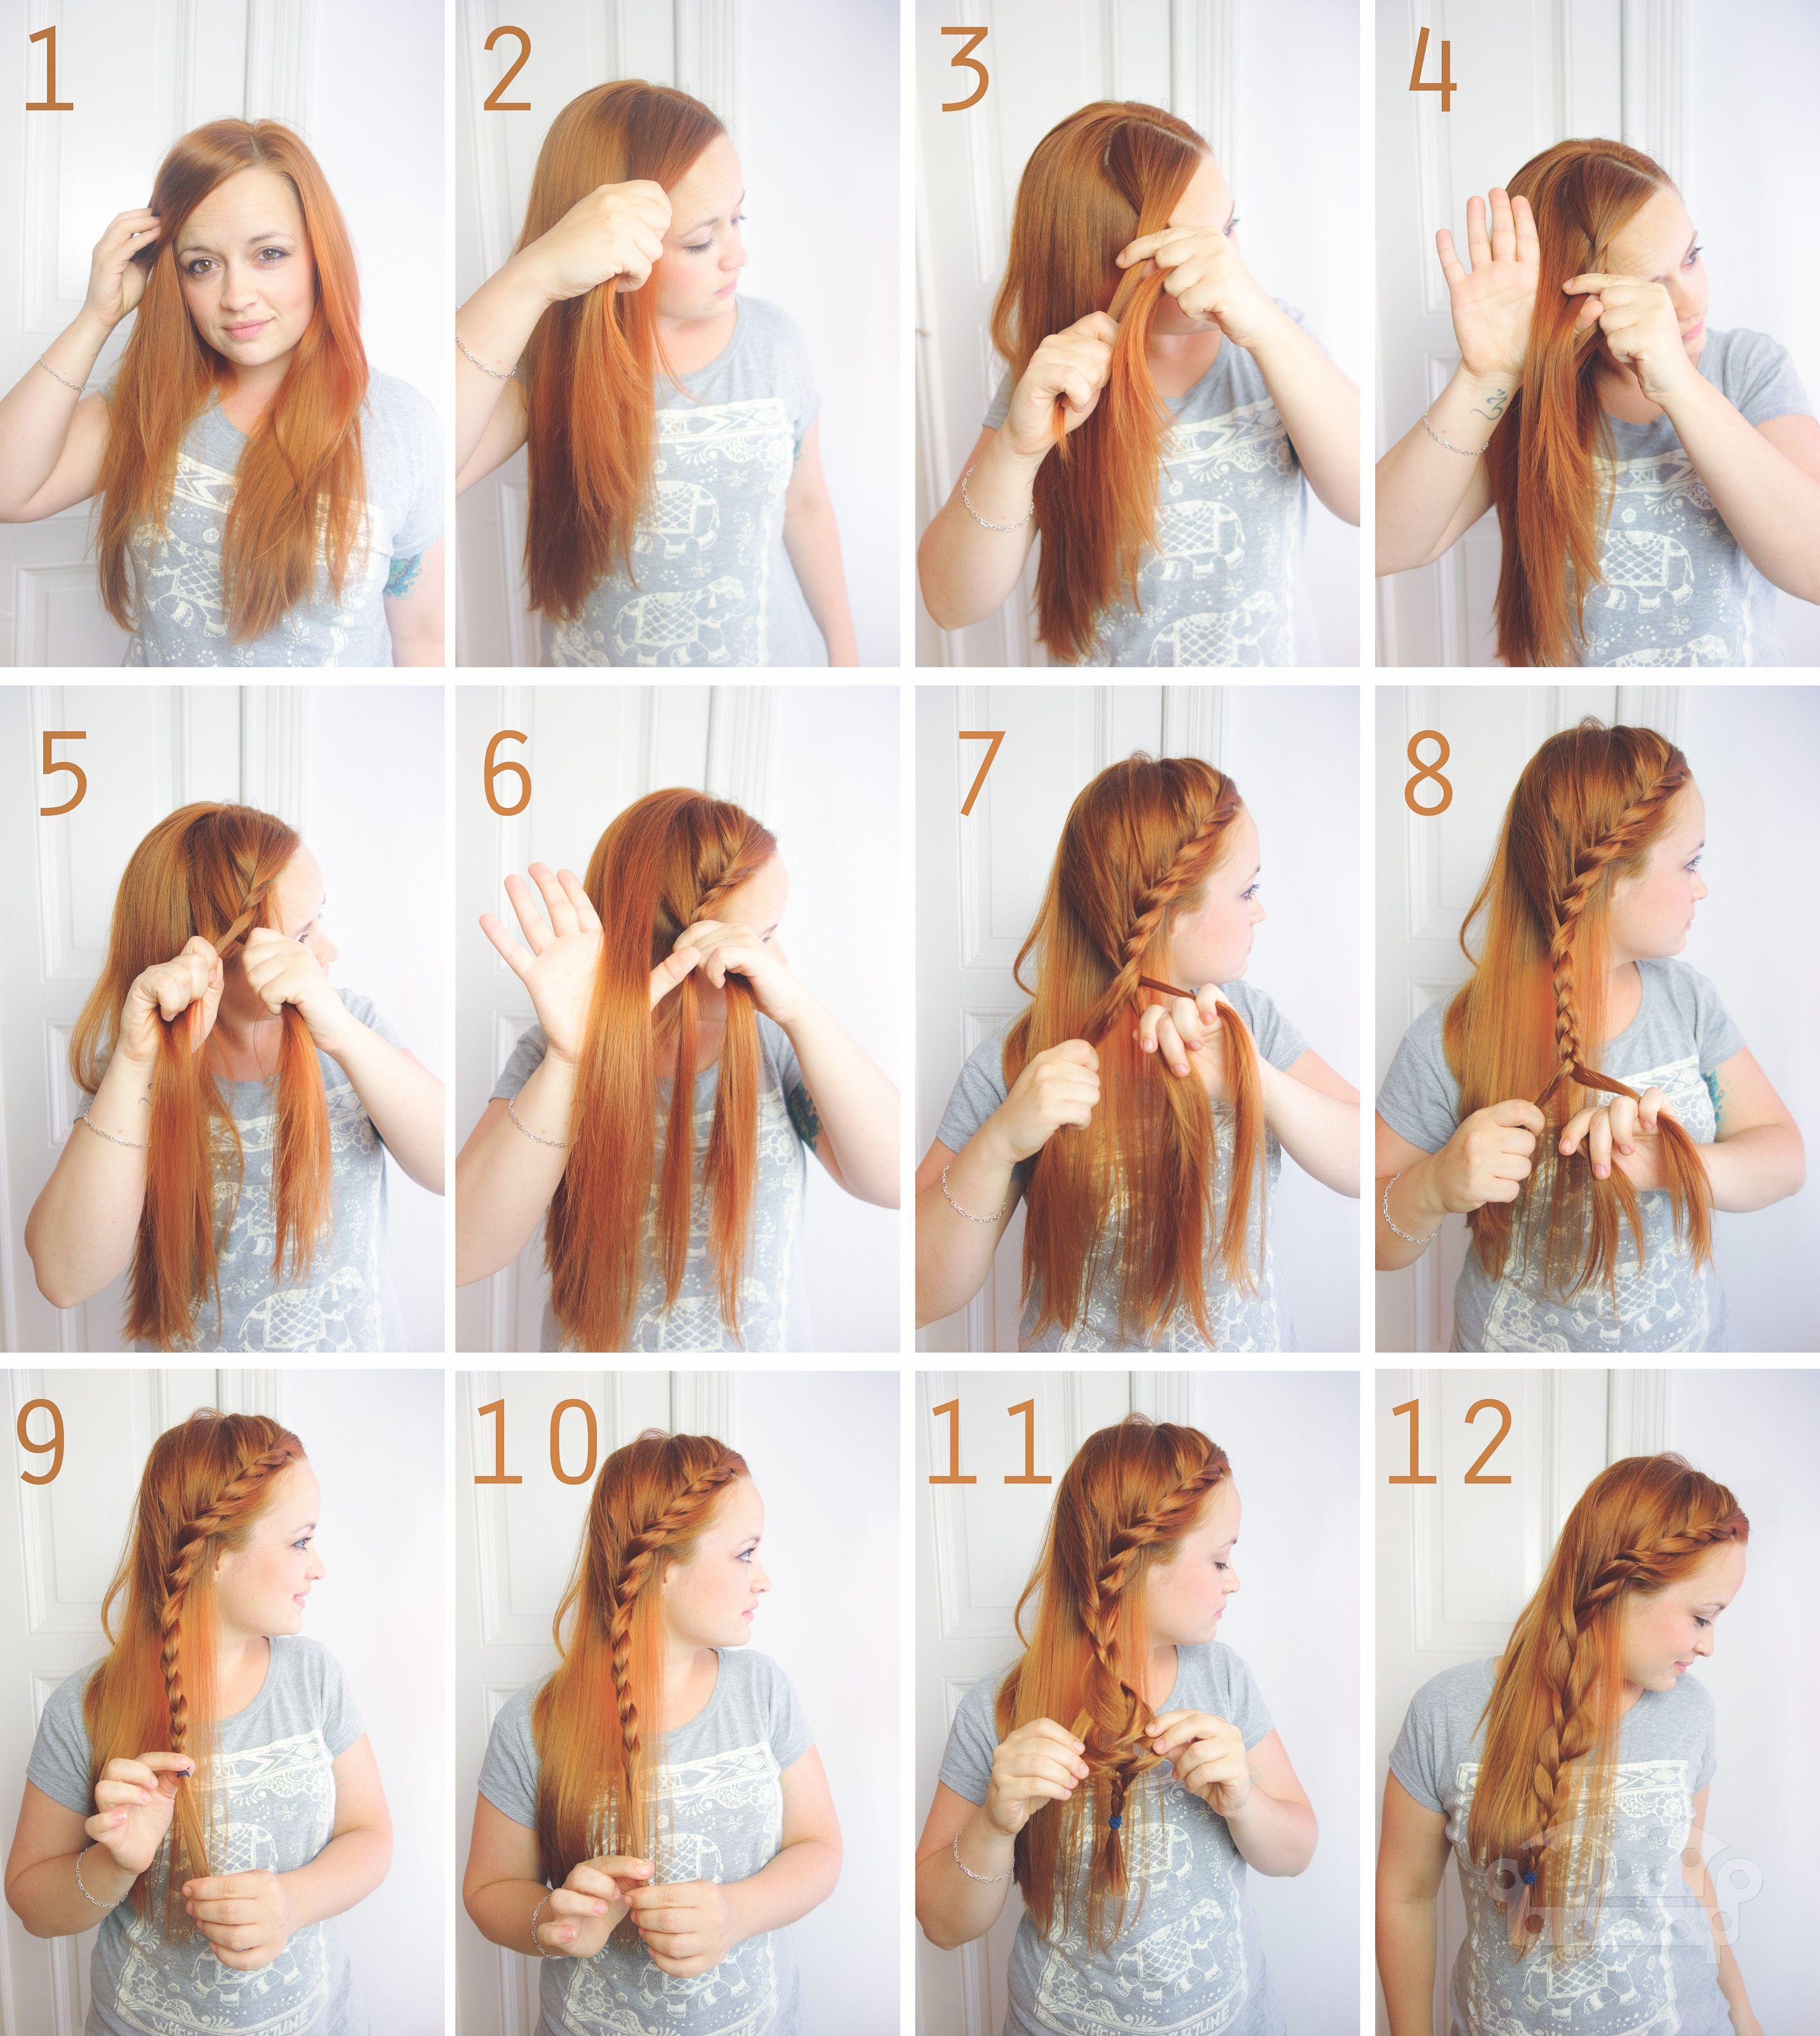 Frisur collage 2 beauty pinterest haar frisuren und selber